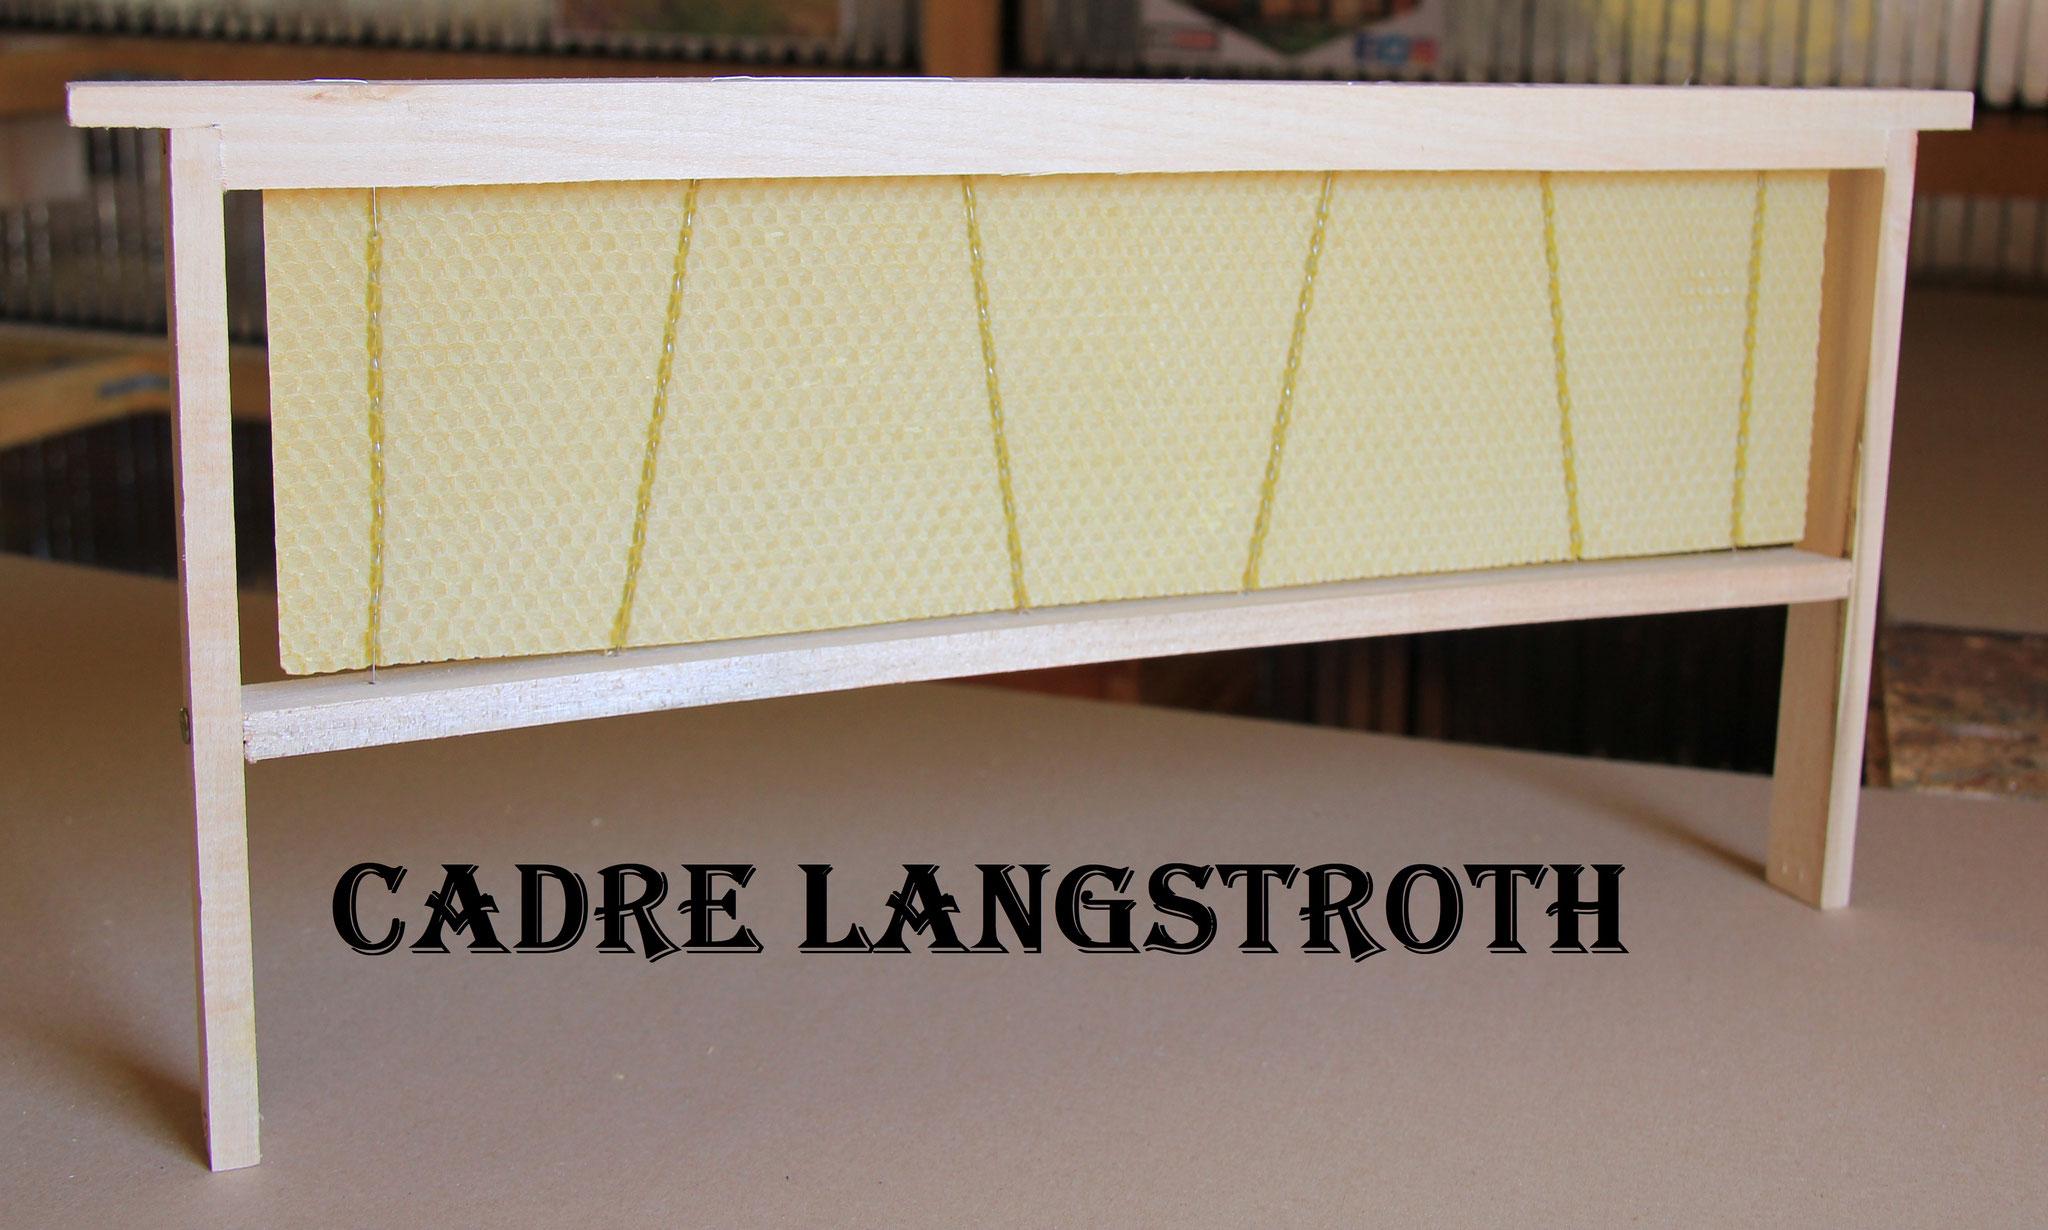 Cadre à mâles / cadre d'élevage Langstroth droit corps fils inox verticaux gaufré cire d'opercules